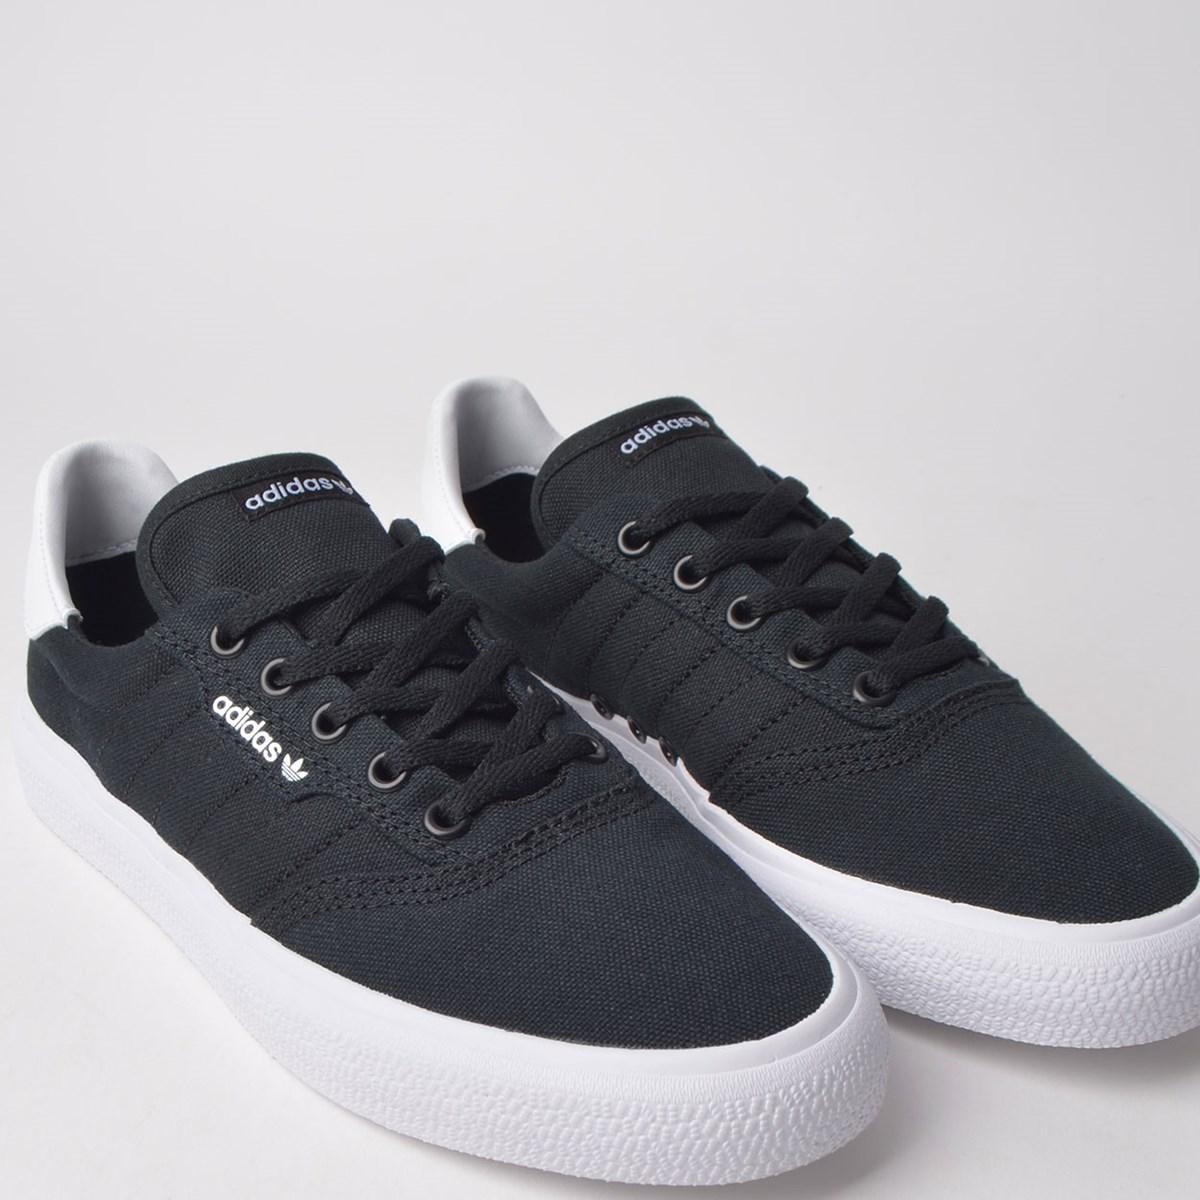 Tênis Adidas 3MC Vulc Preto Branco B22706